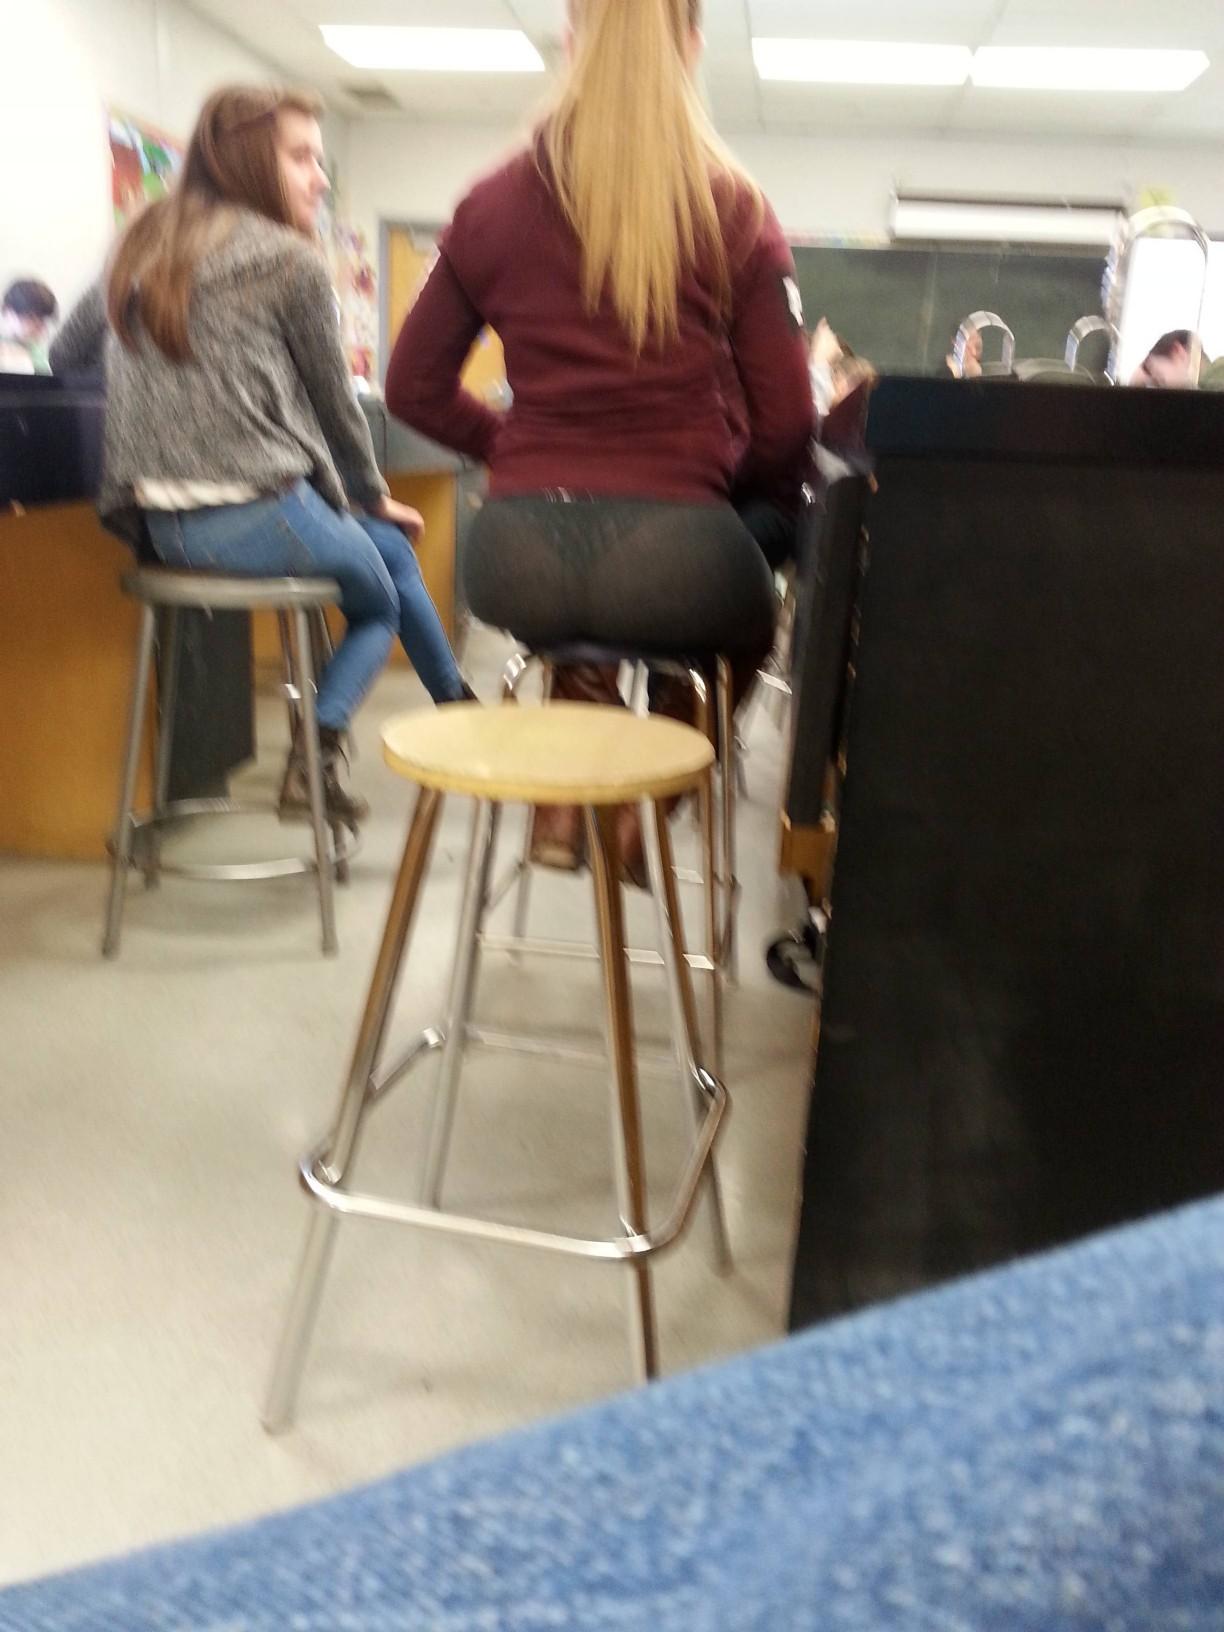 【画像】海外の女子学生がマジでエロすぎて授業に集中できない。。(画像85枚)・43枚目